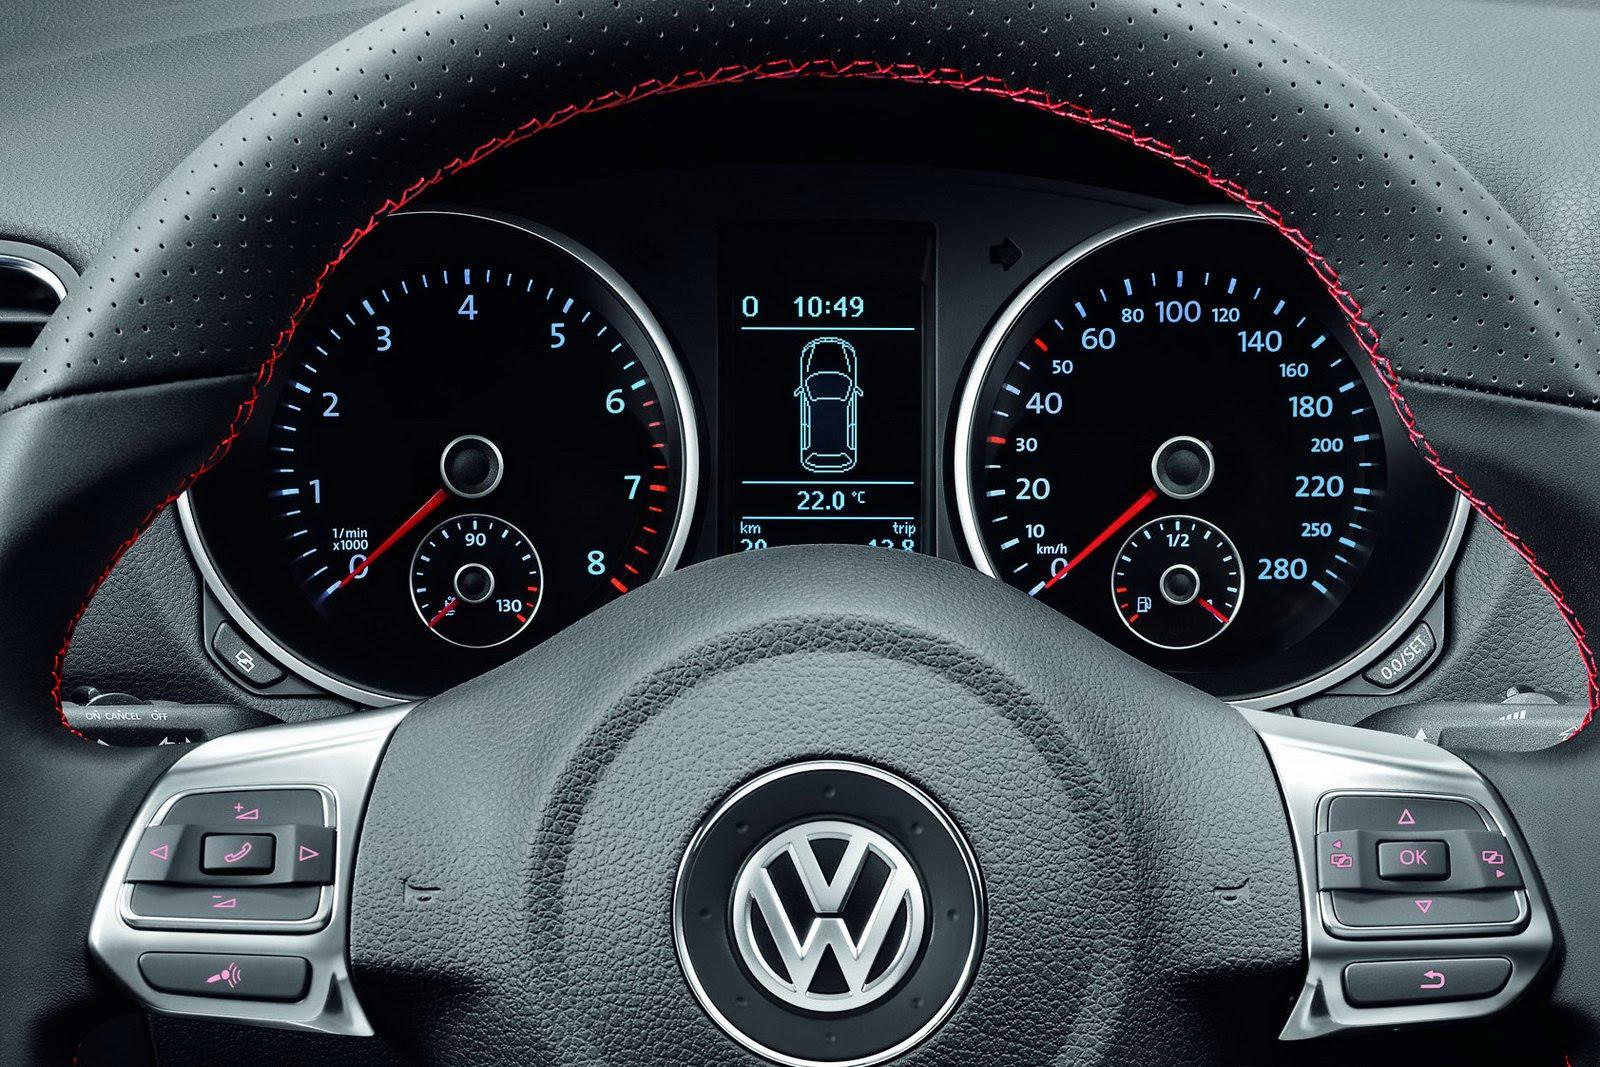 Бортовой компьютер показывает неверные интервалы обслуживания на VW Golf VI